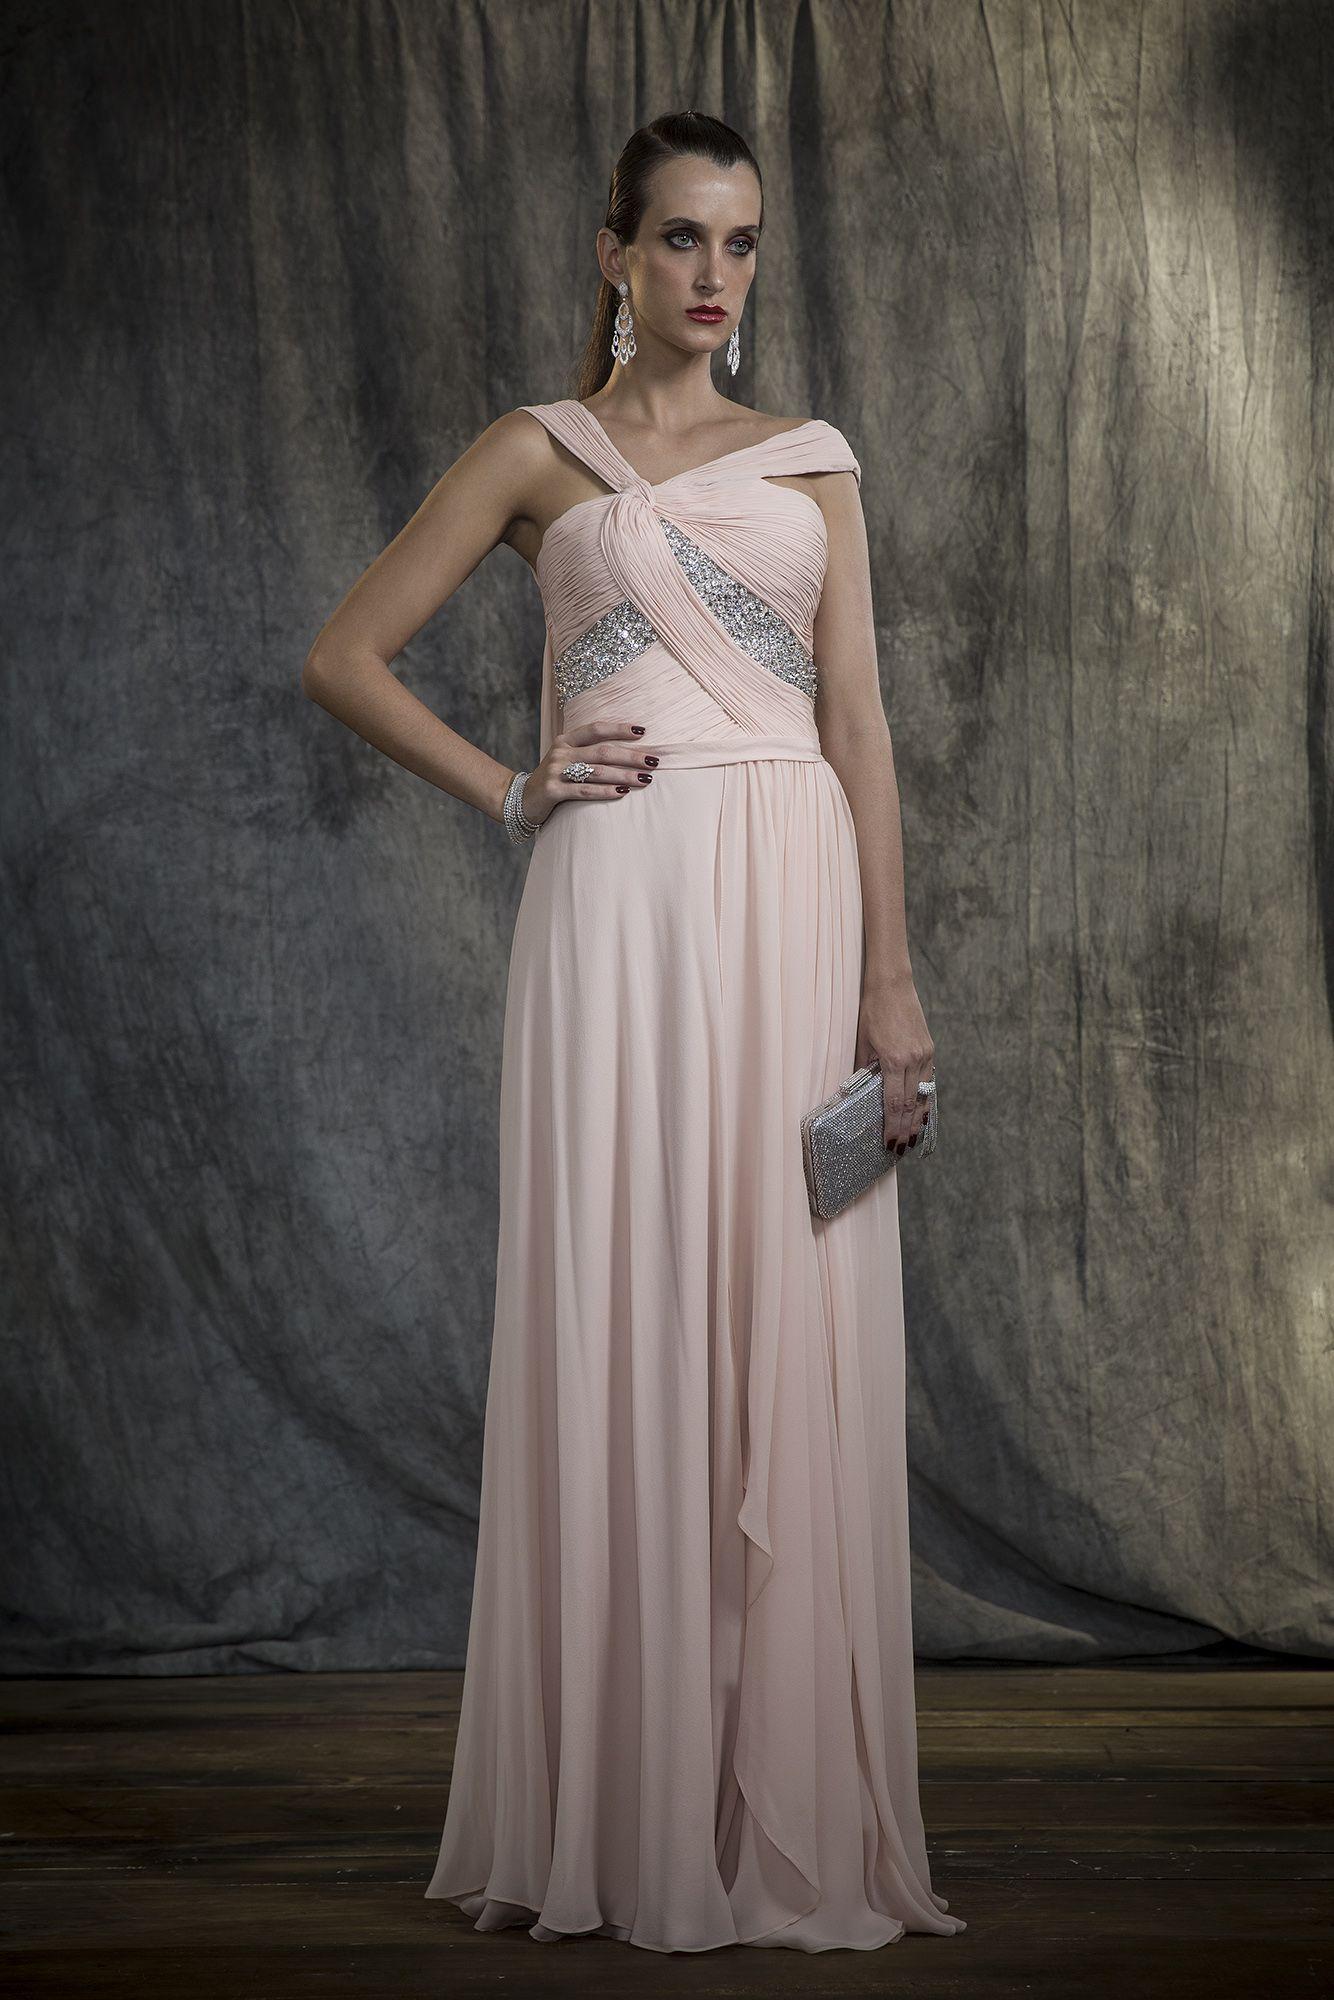 84914a72ef Sandro Barros Blue Label Coleção Inverno 2018 Vestido longo fluido rosa  nude em crepe georgete